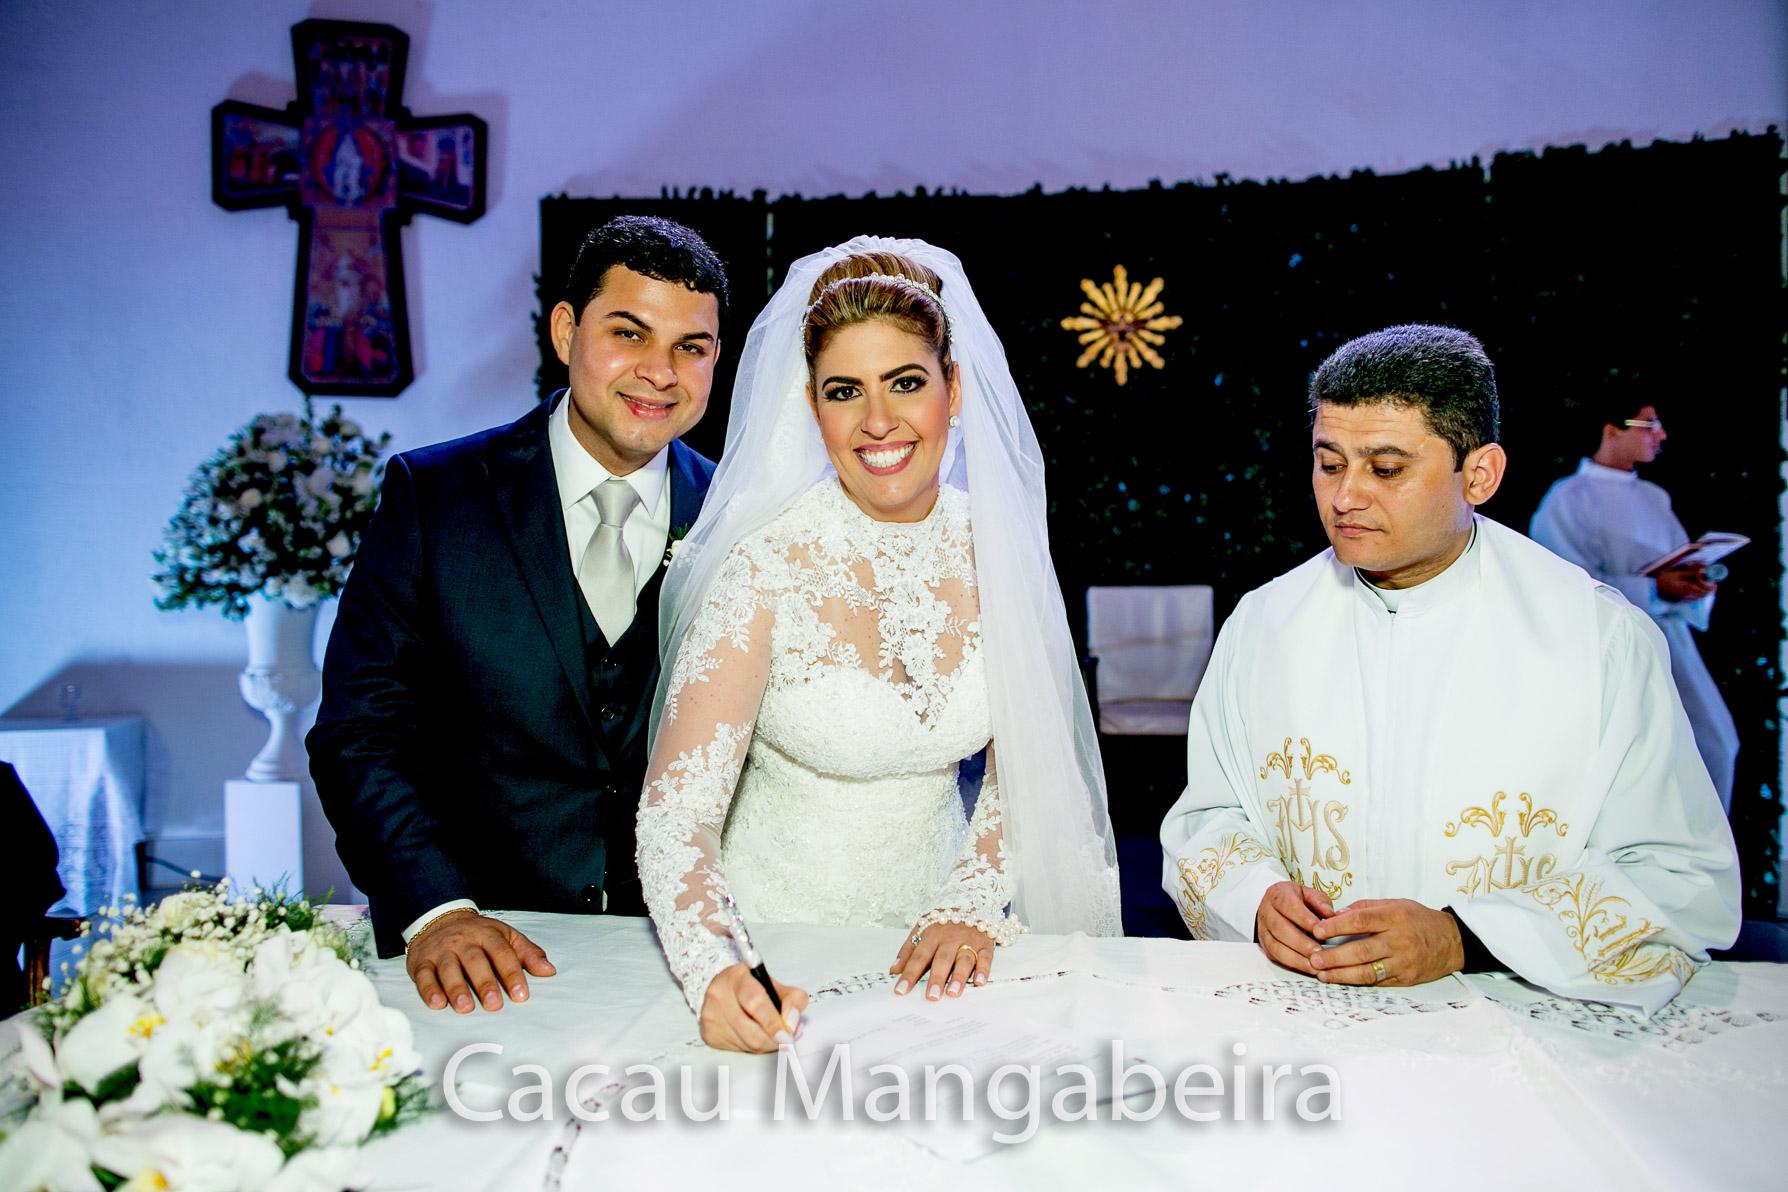 adrianaesaullo-cacaumangabeira